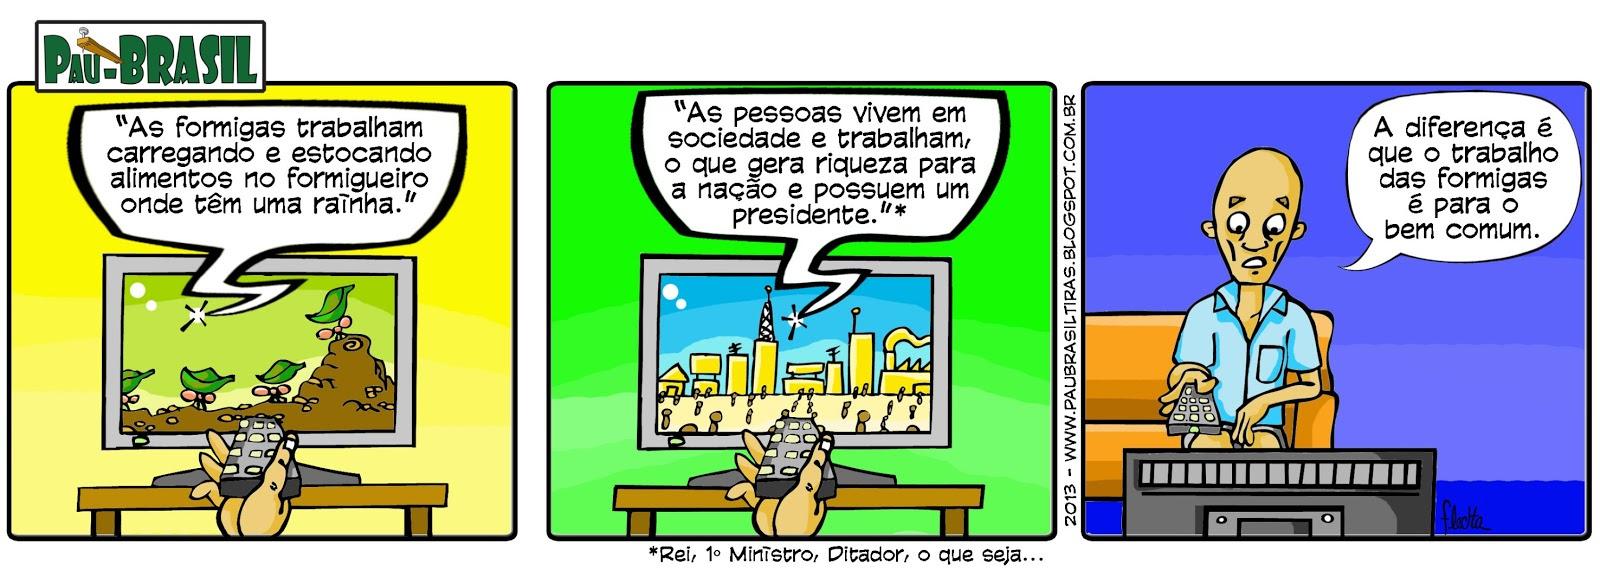 nº 05 Pau-Brasil